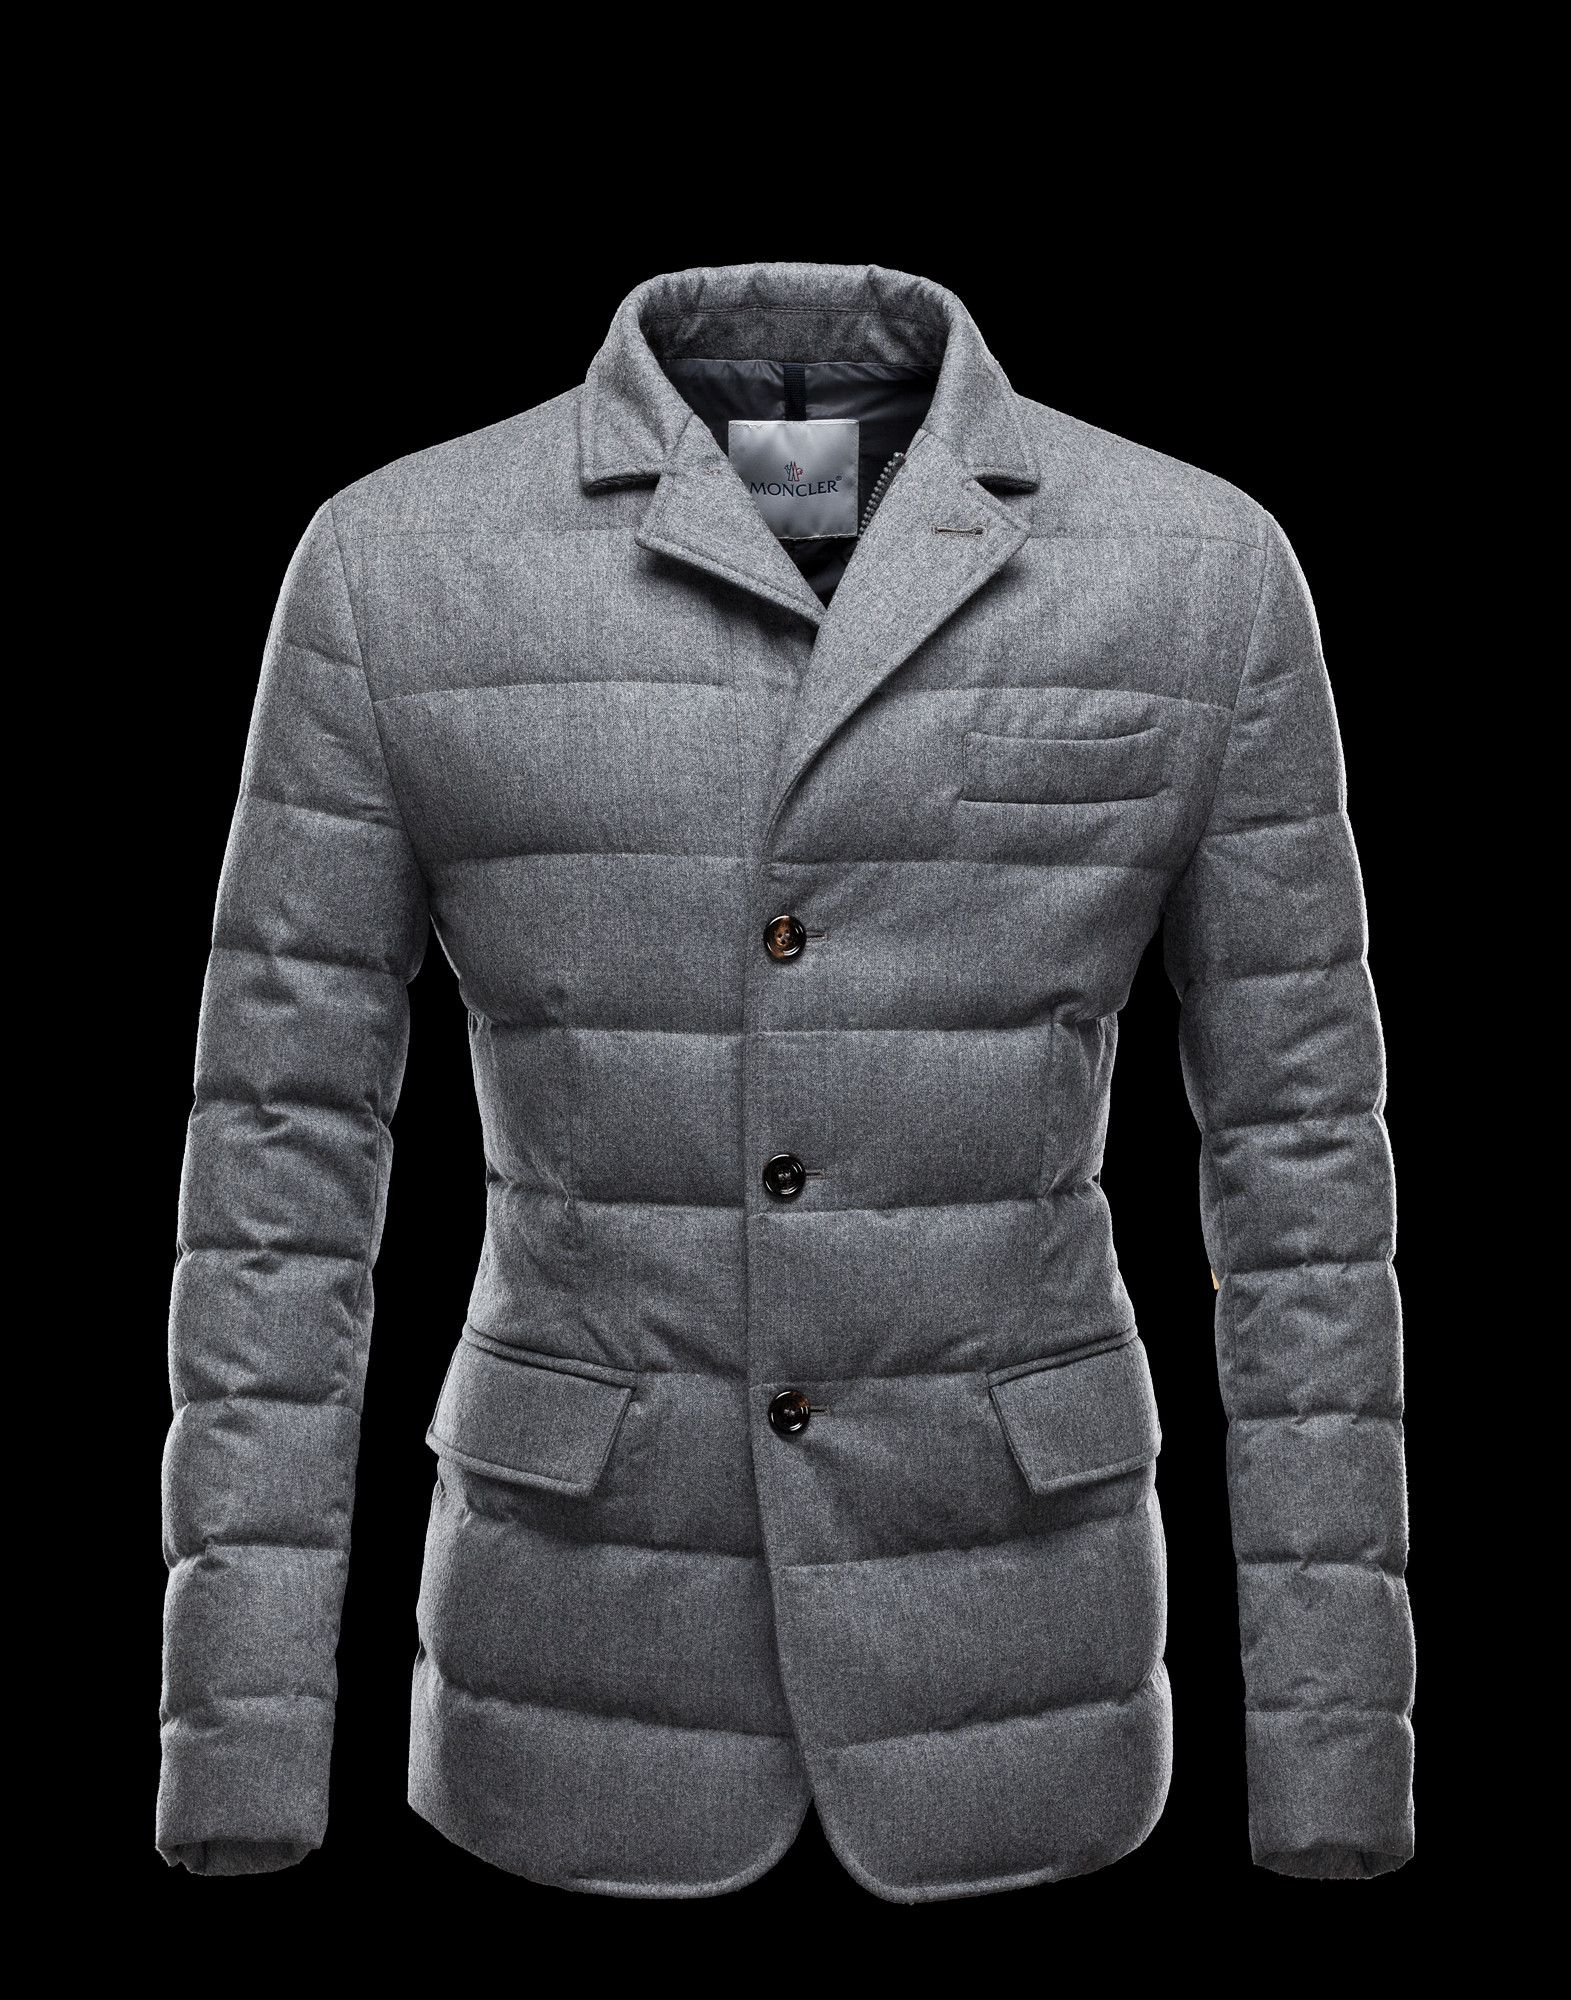 MONCLER Men - Fall/Winter 12 - OUTERWEAR - Jacket - Rodin www.pn warm winter, we need warm coat ,so mordern down coat, my best loved moncler.